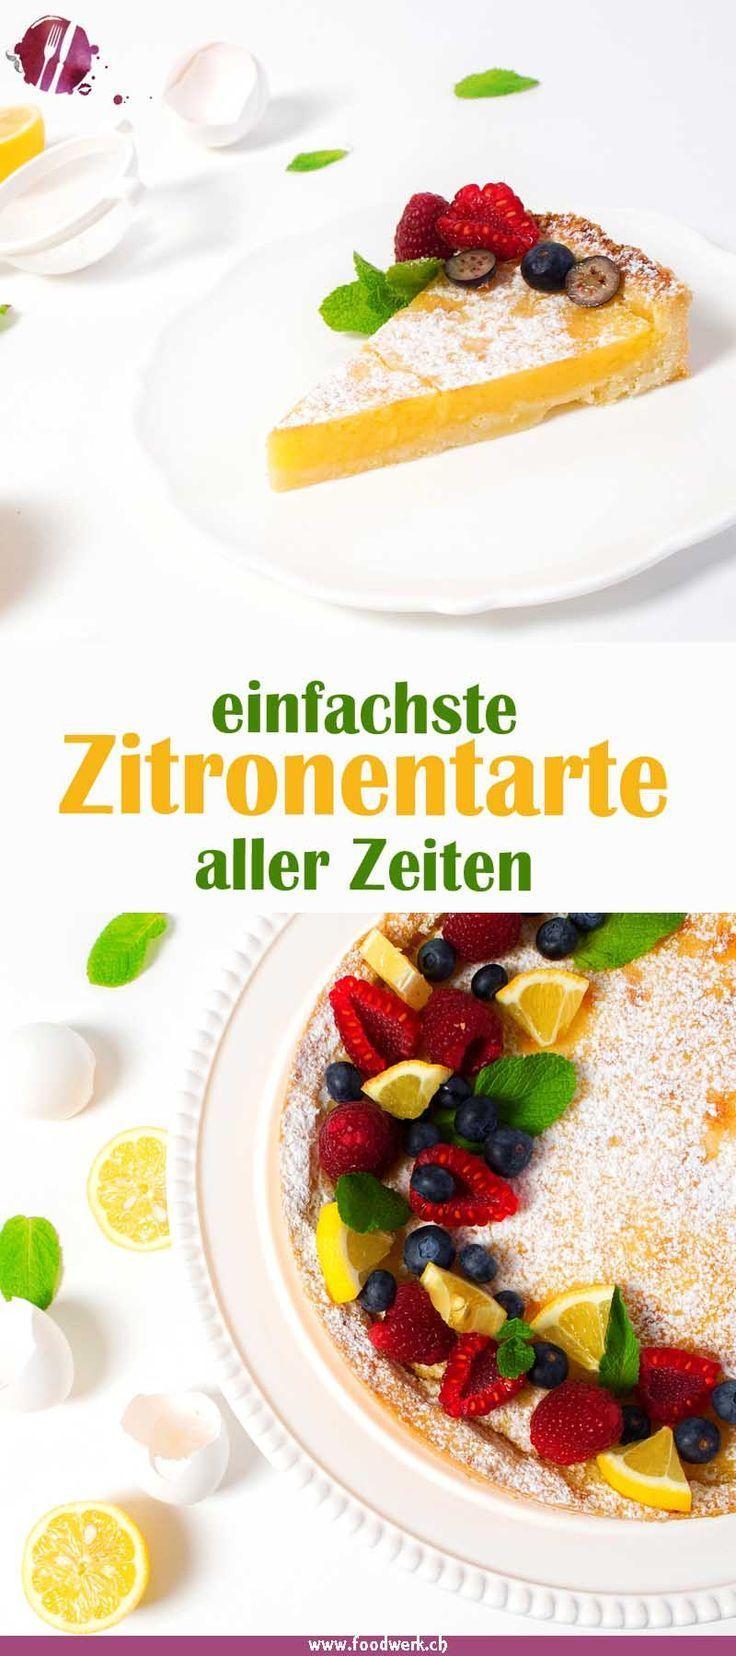 Erfrischende und schnelle Zitronentarte